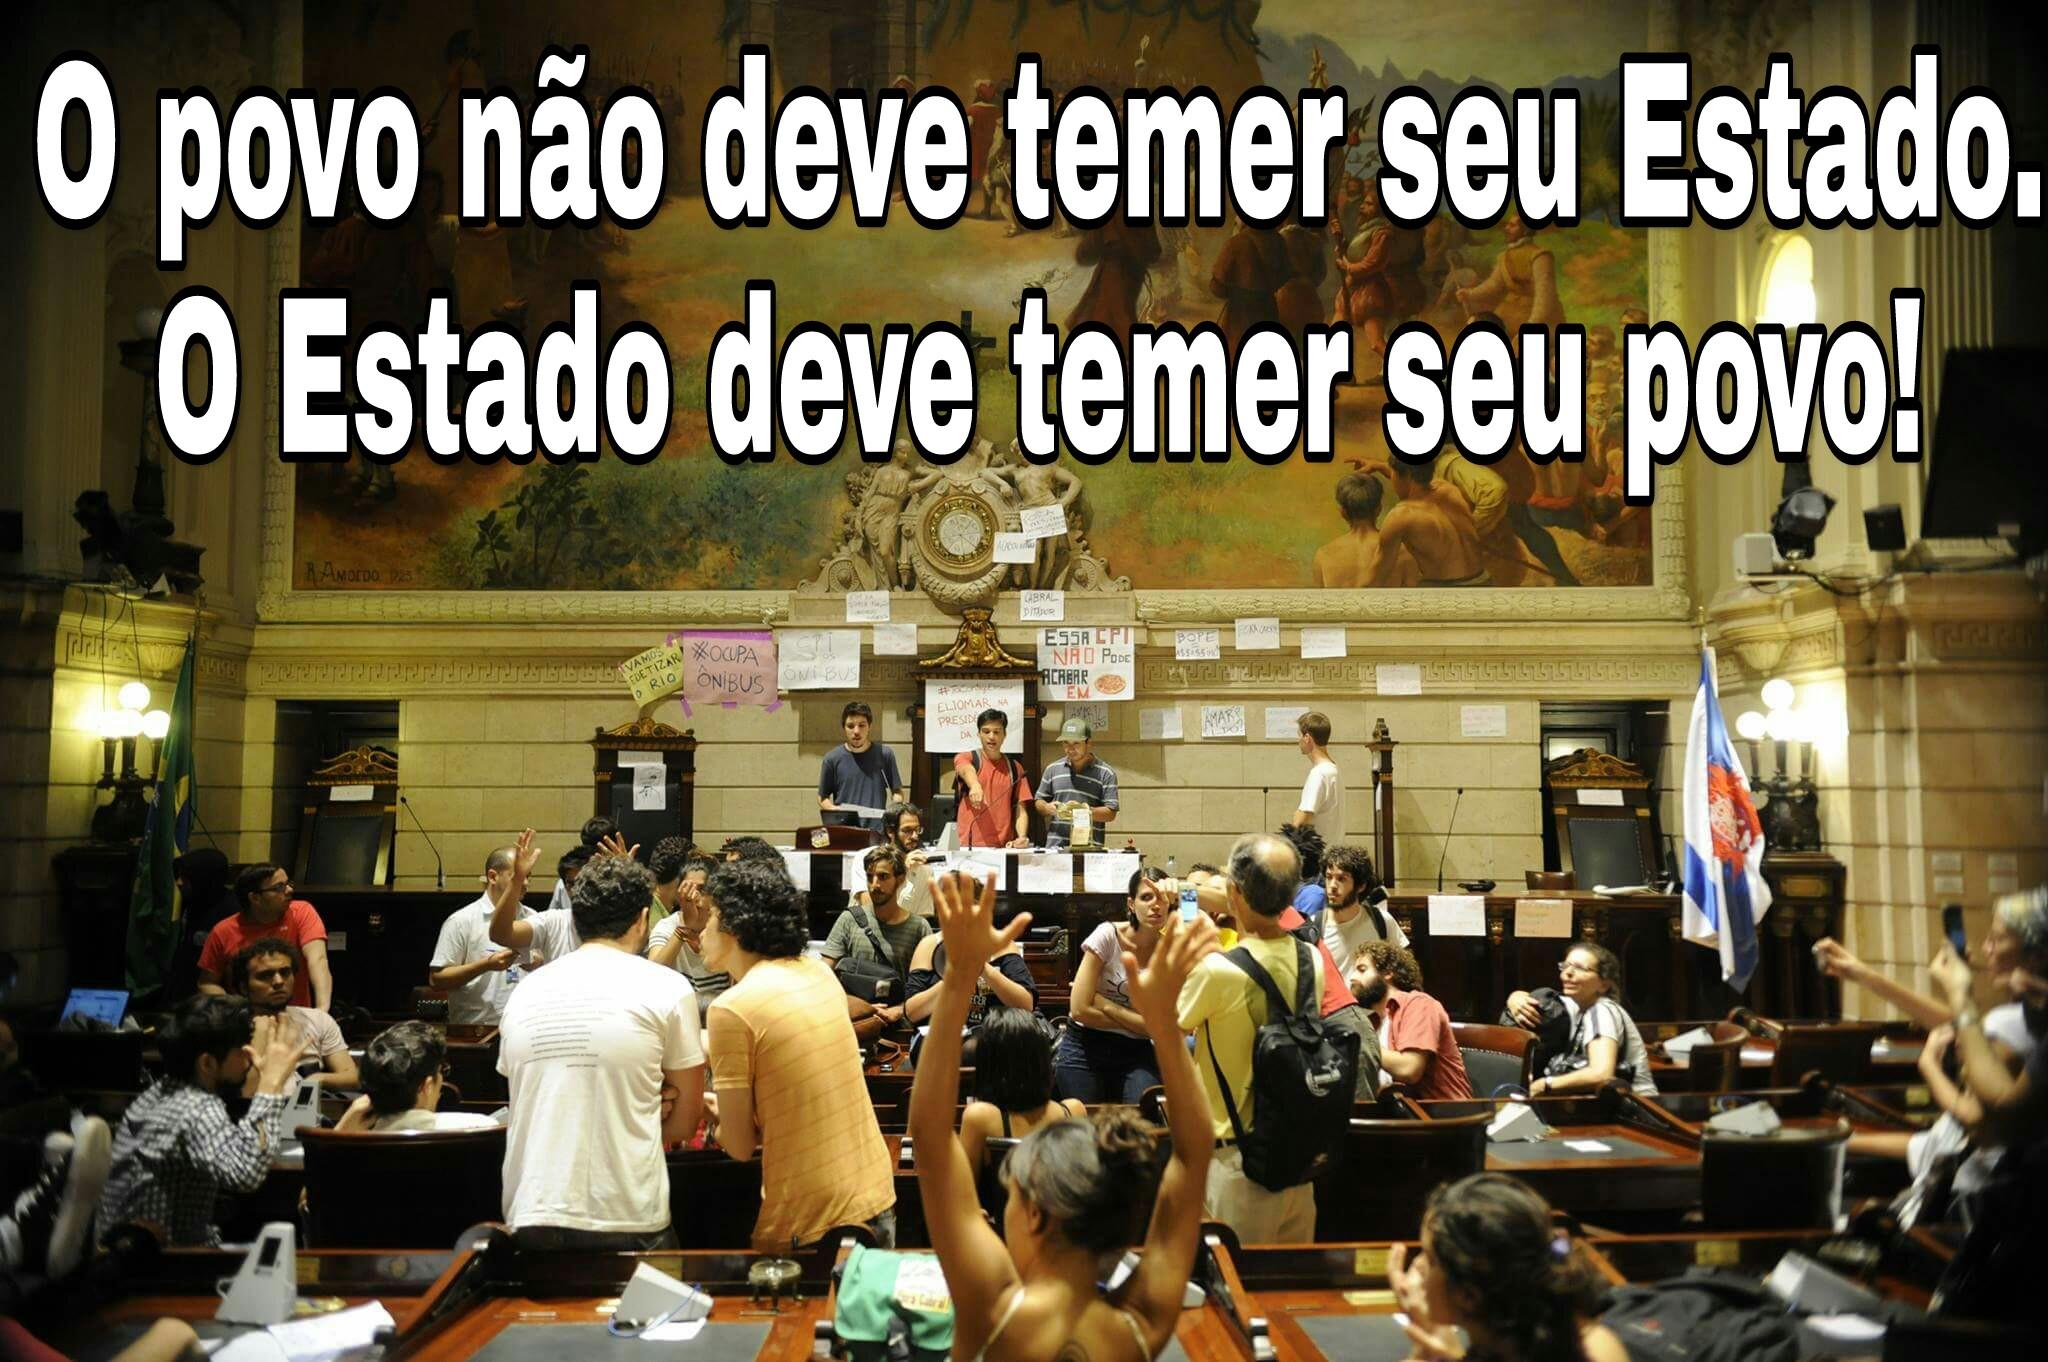 Ocupação da Câmara dos Vereadores do Rio de Janeiro - 2013